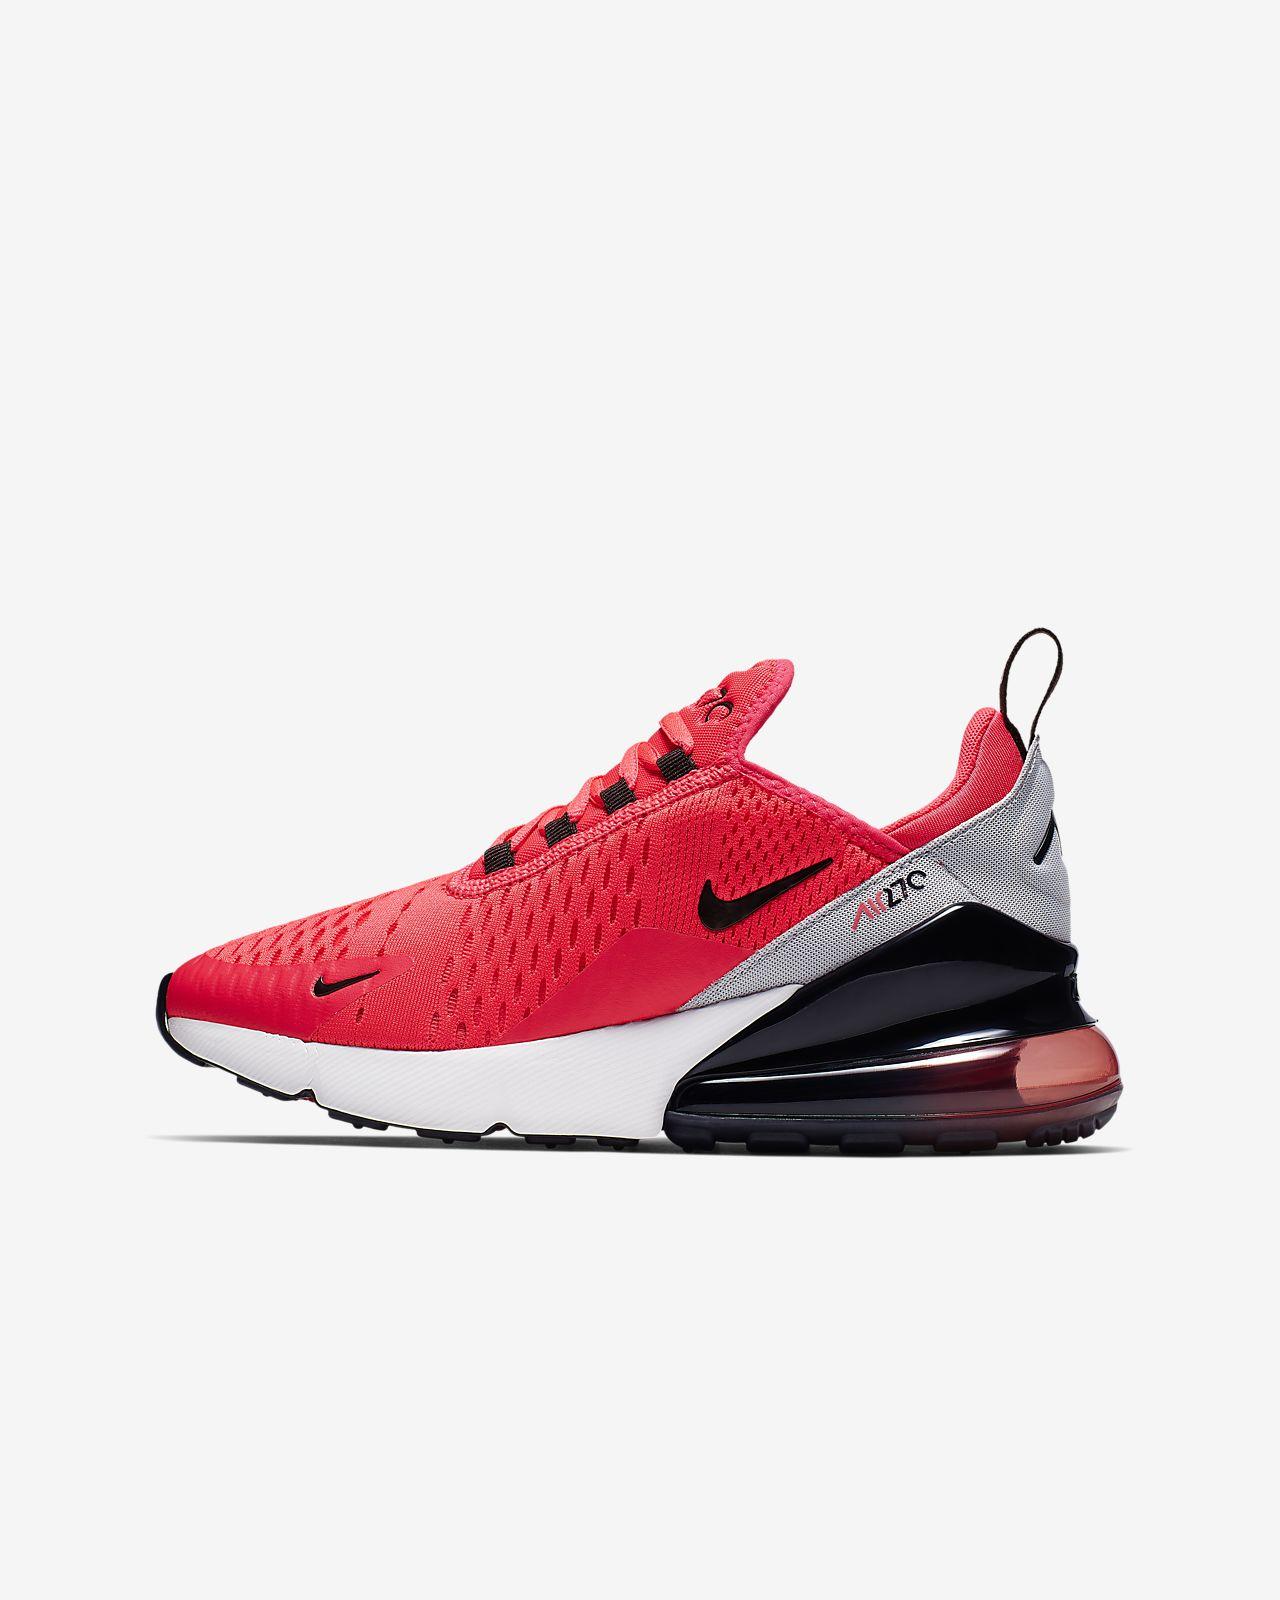 70fae7a4e64 Chaussure Nike Air Max 270 pour Enfant plus âgé. Nike.com FR